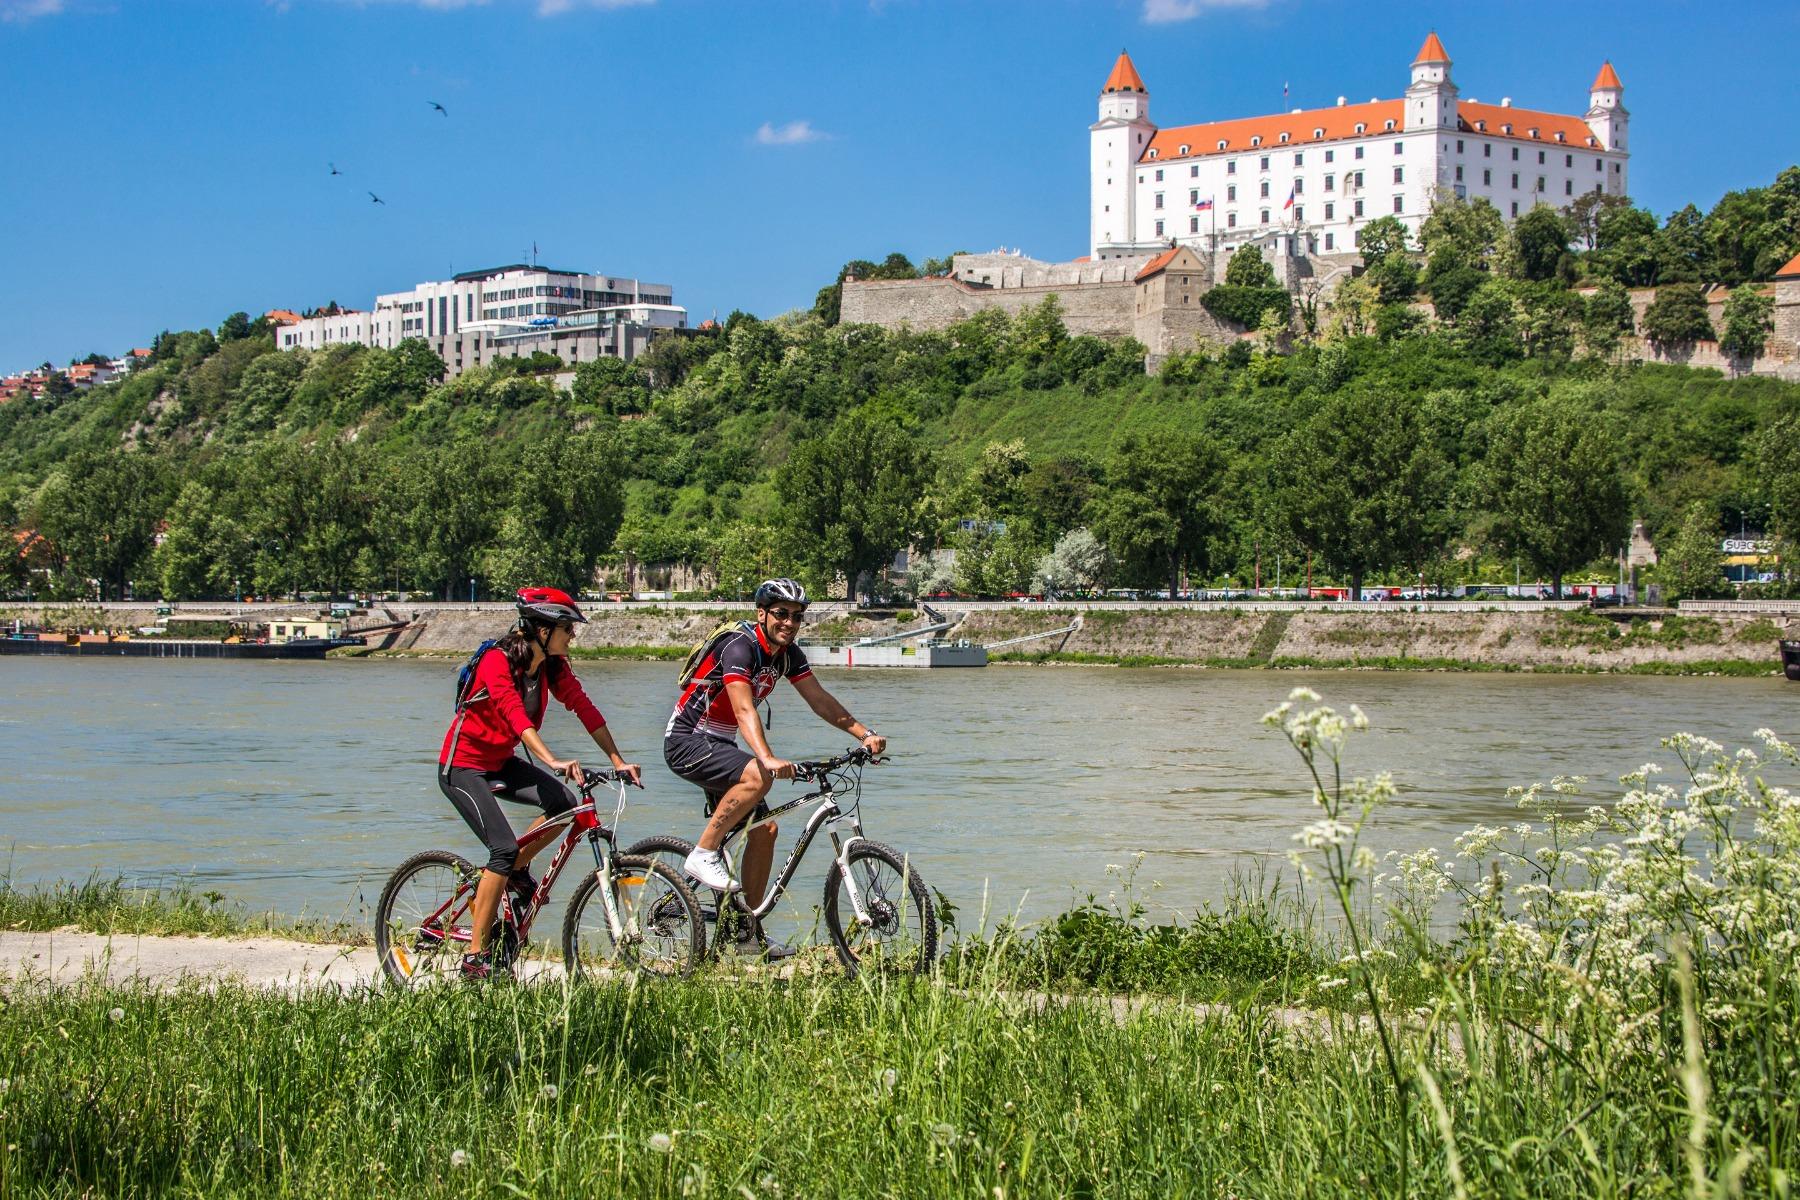 Cykelkrydstogt, Bratislava, flod